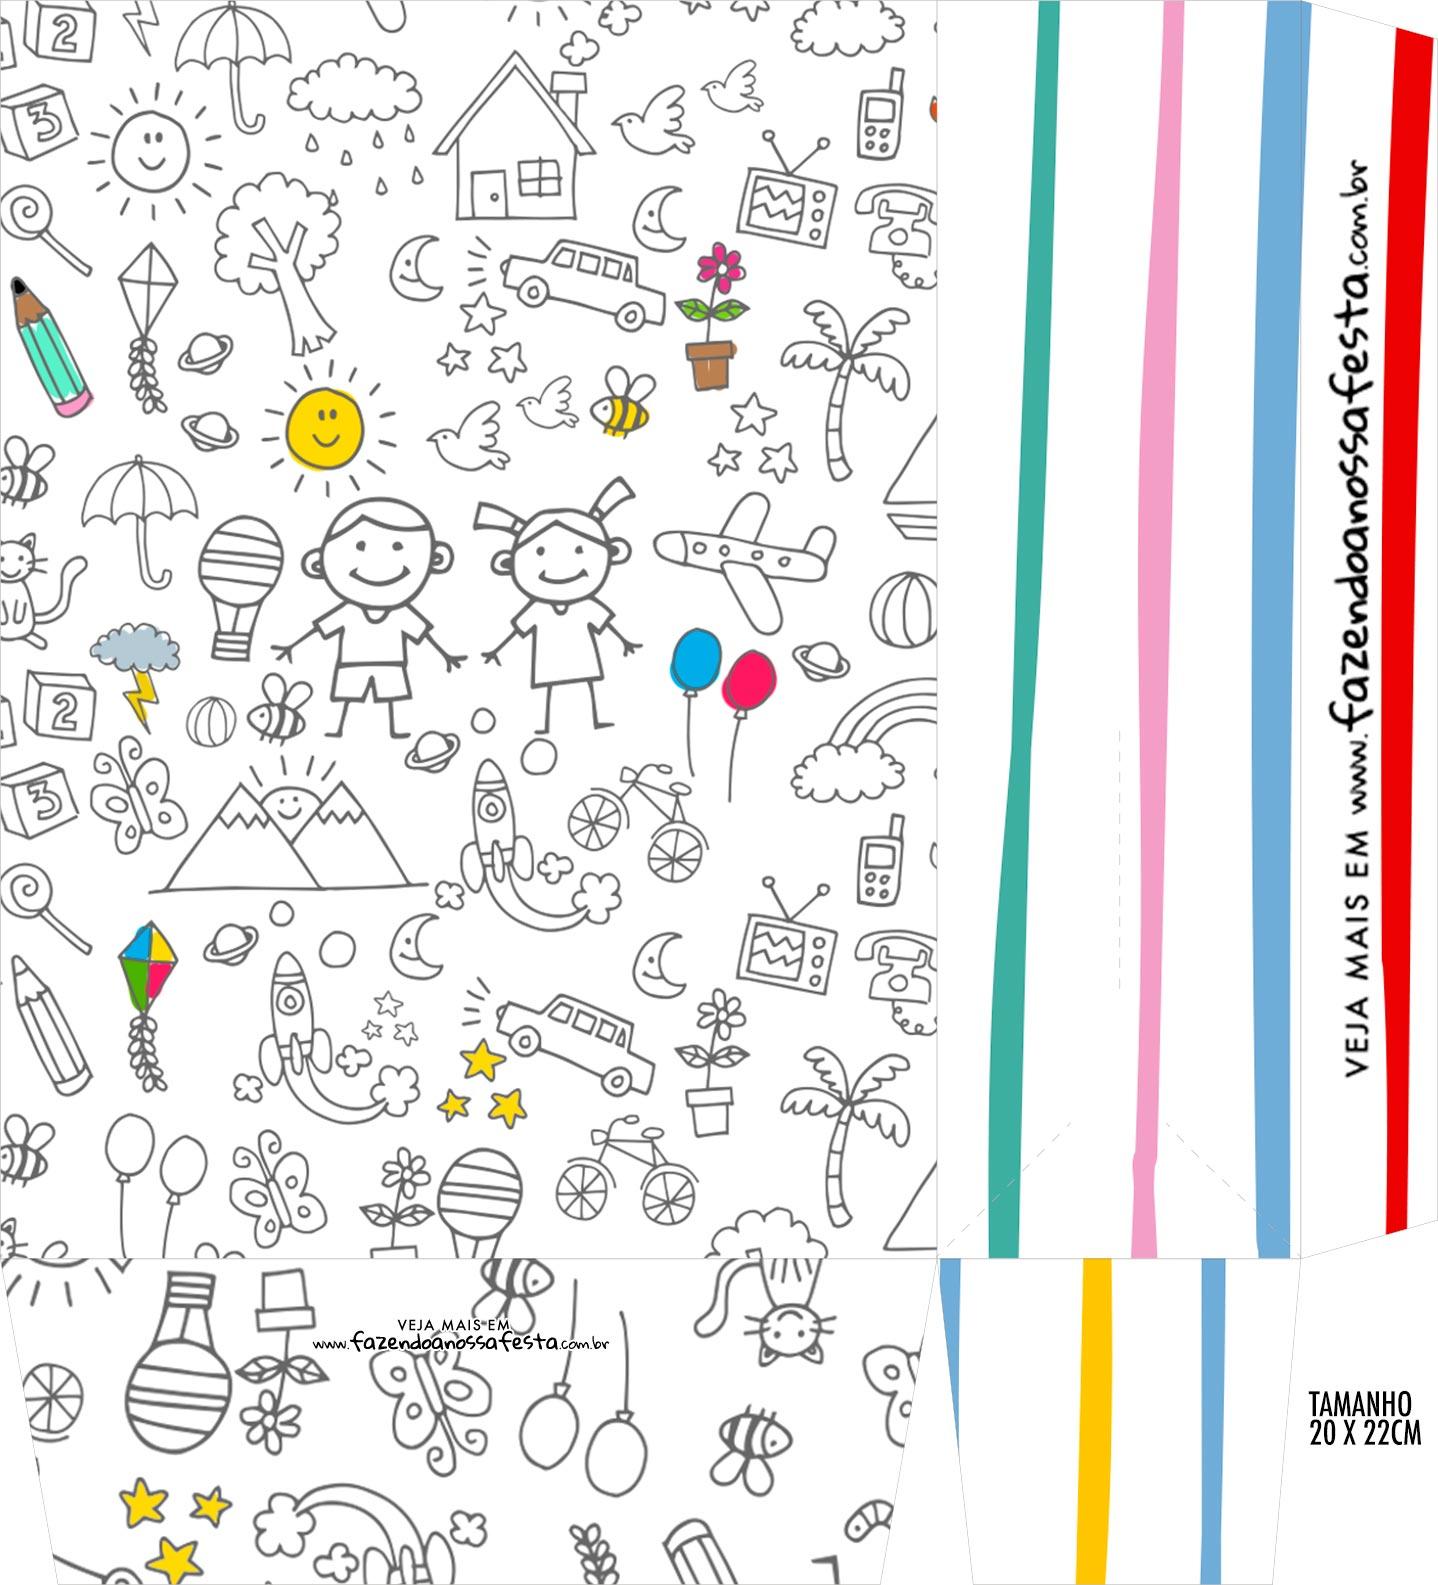 Sacolinha Surpresa Kit Dia das Criancas para colorir 2